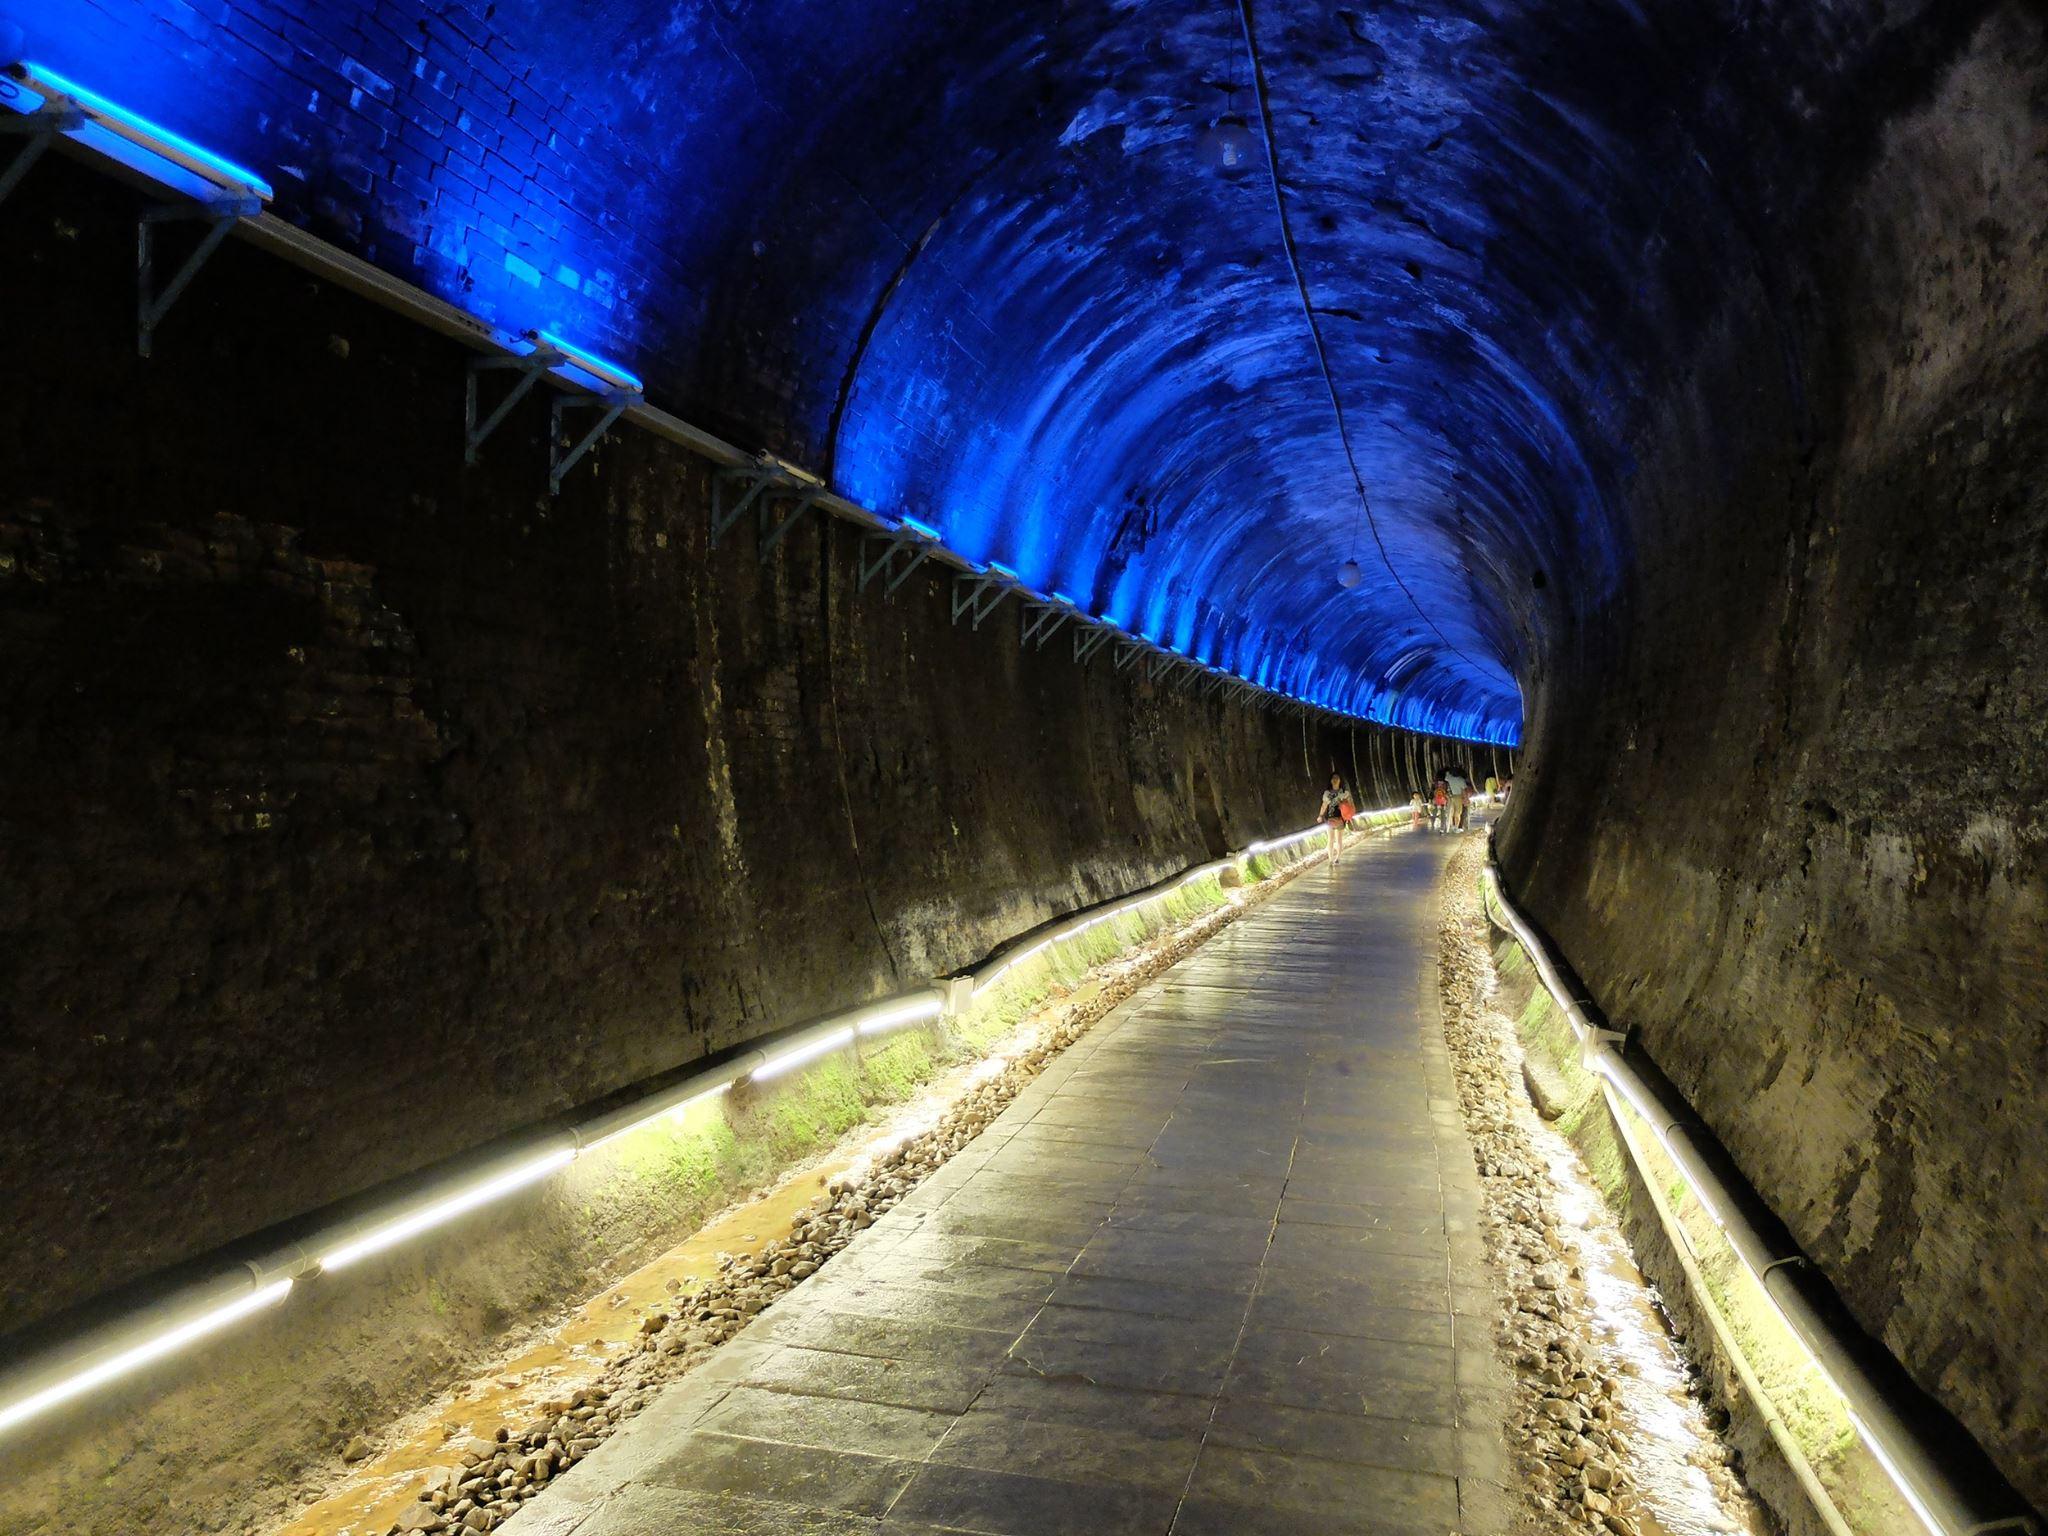 貓貍山公園下方的功維敘隧道也是一大亮點,是全台唯一的鐵道城牆式隧道,增設七彩霓虹燈,還有逼真的火車音效。圖/功維敘隧道臉書粉絲專頁